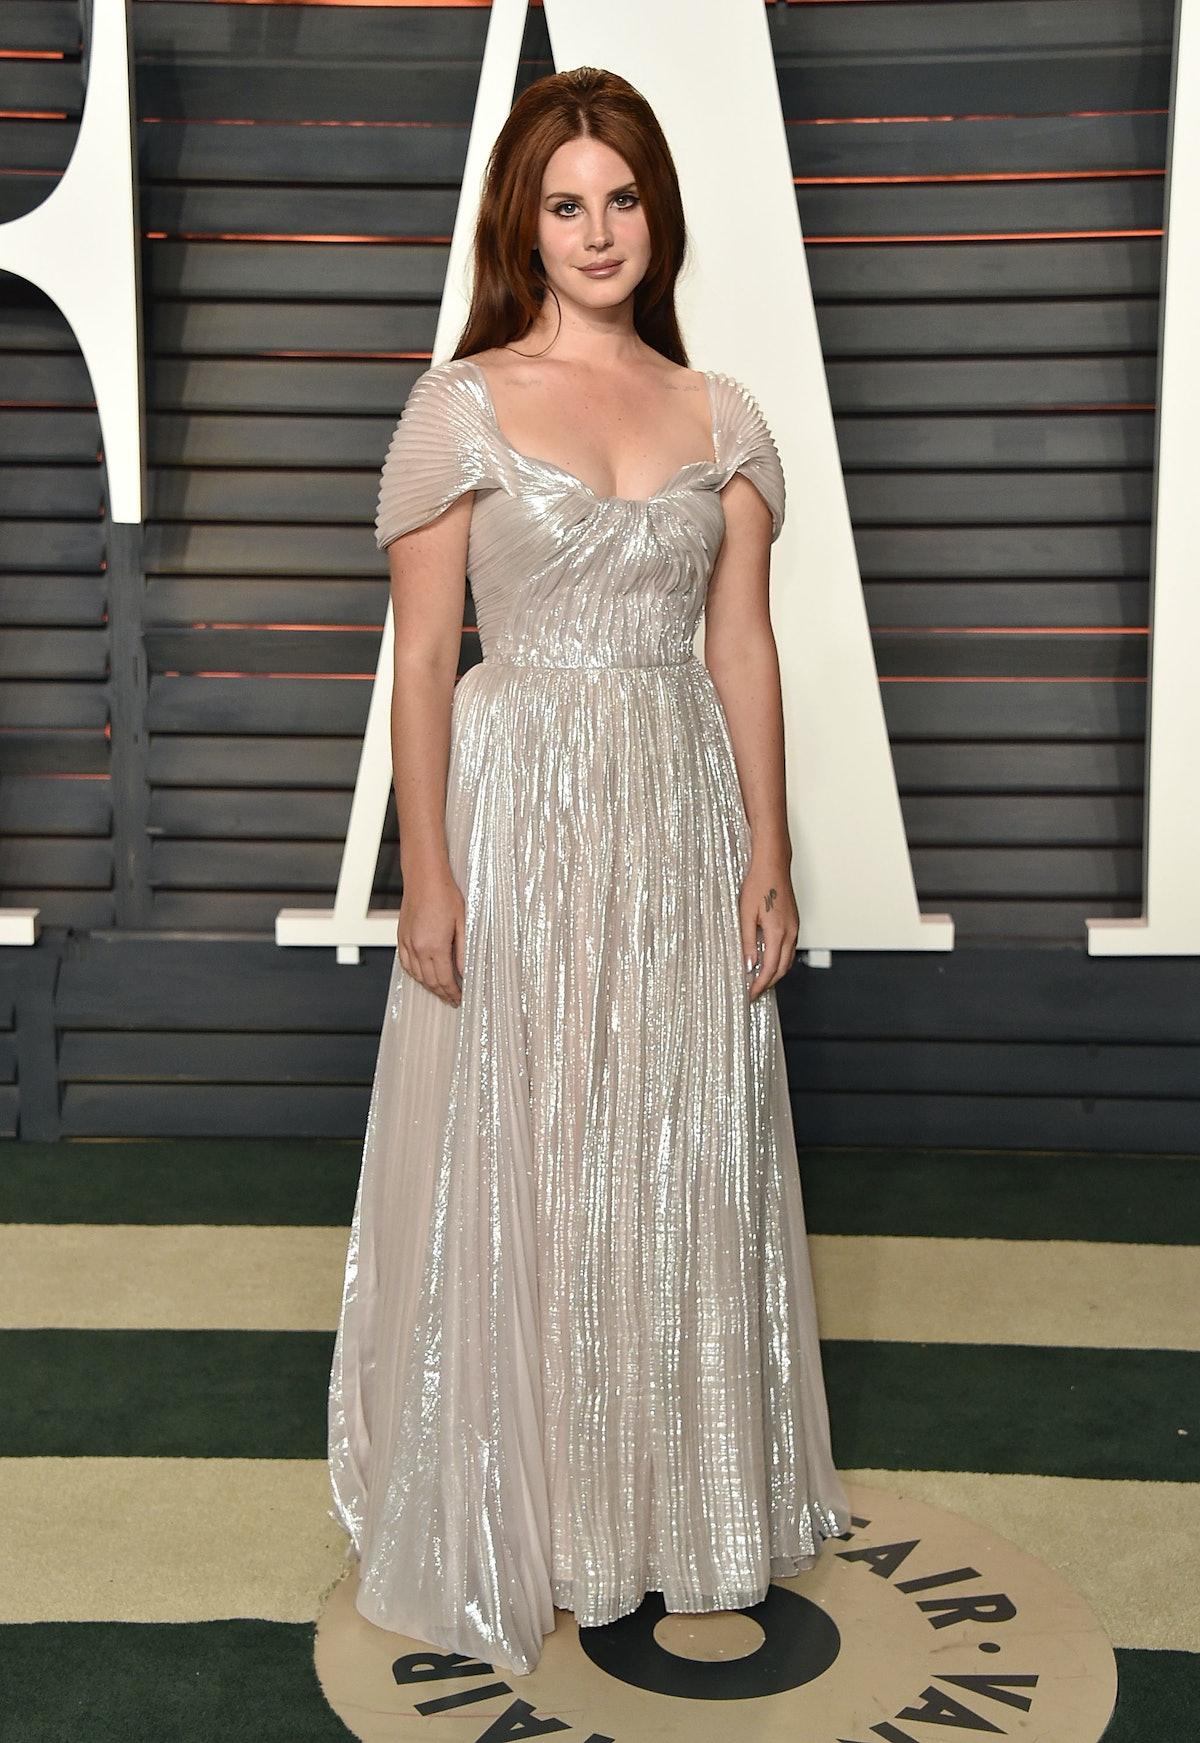 Lana Del Rey wearing a silvery dress